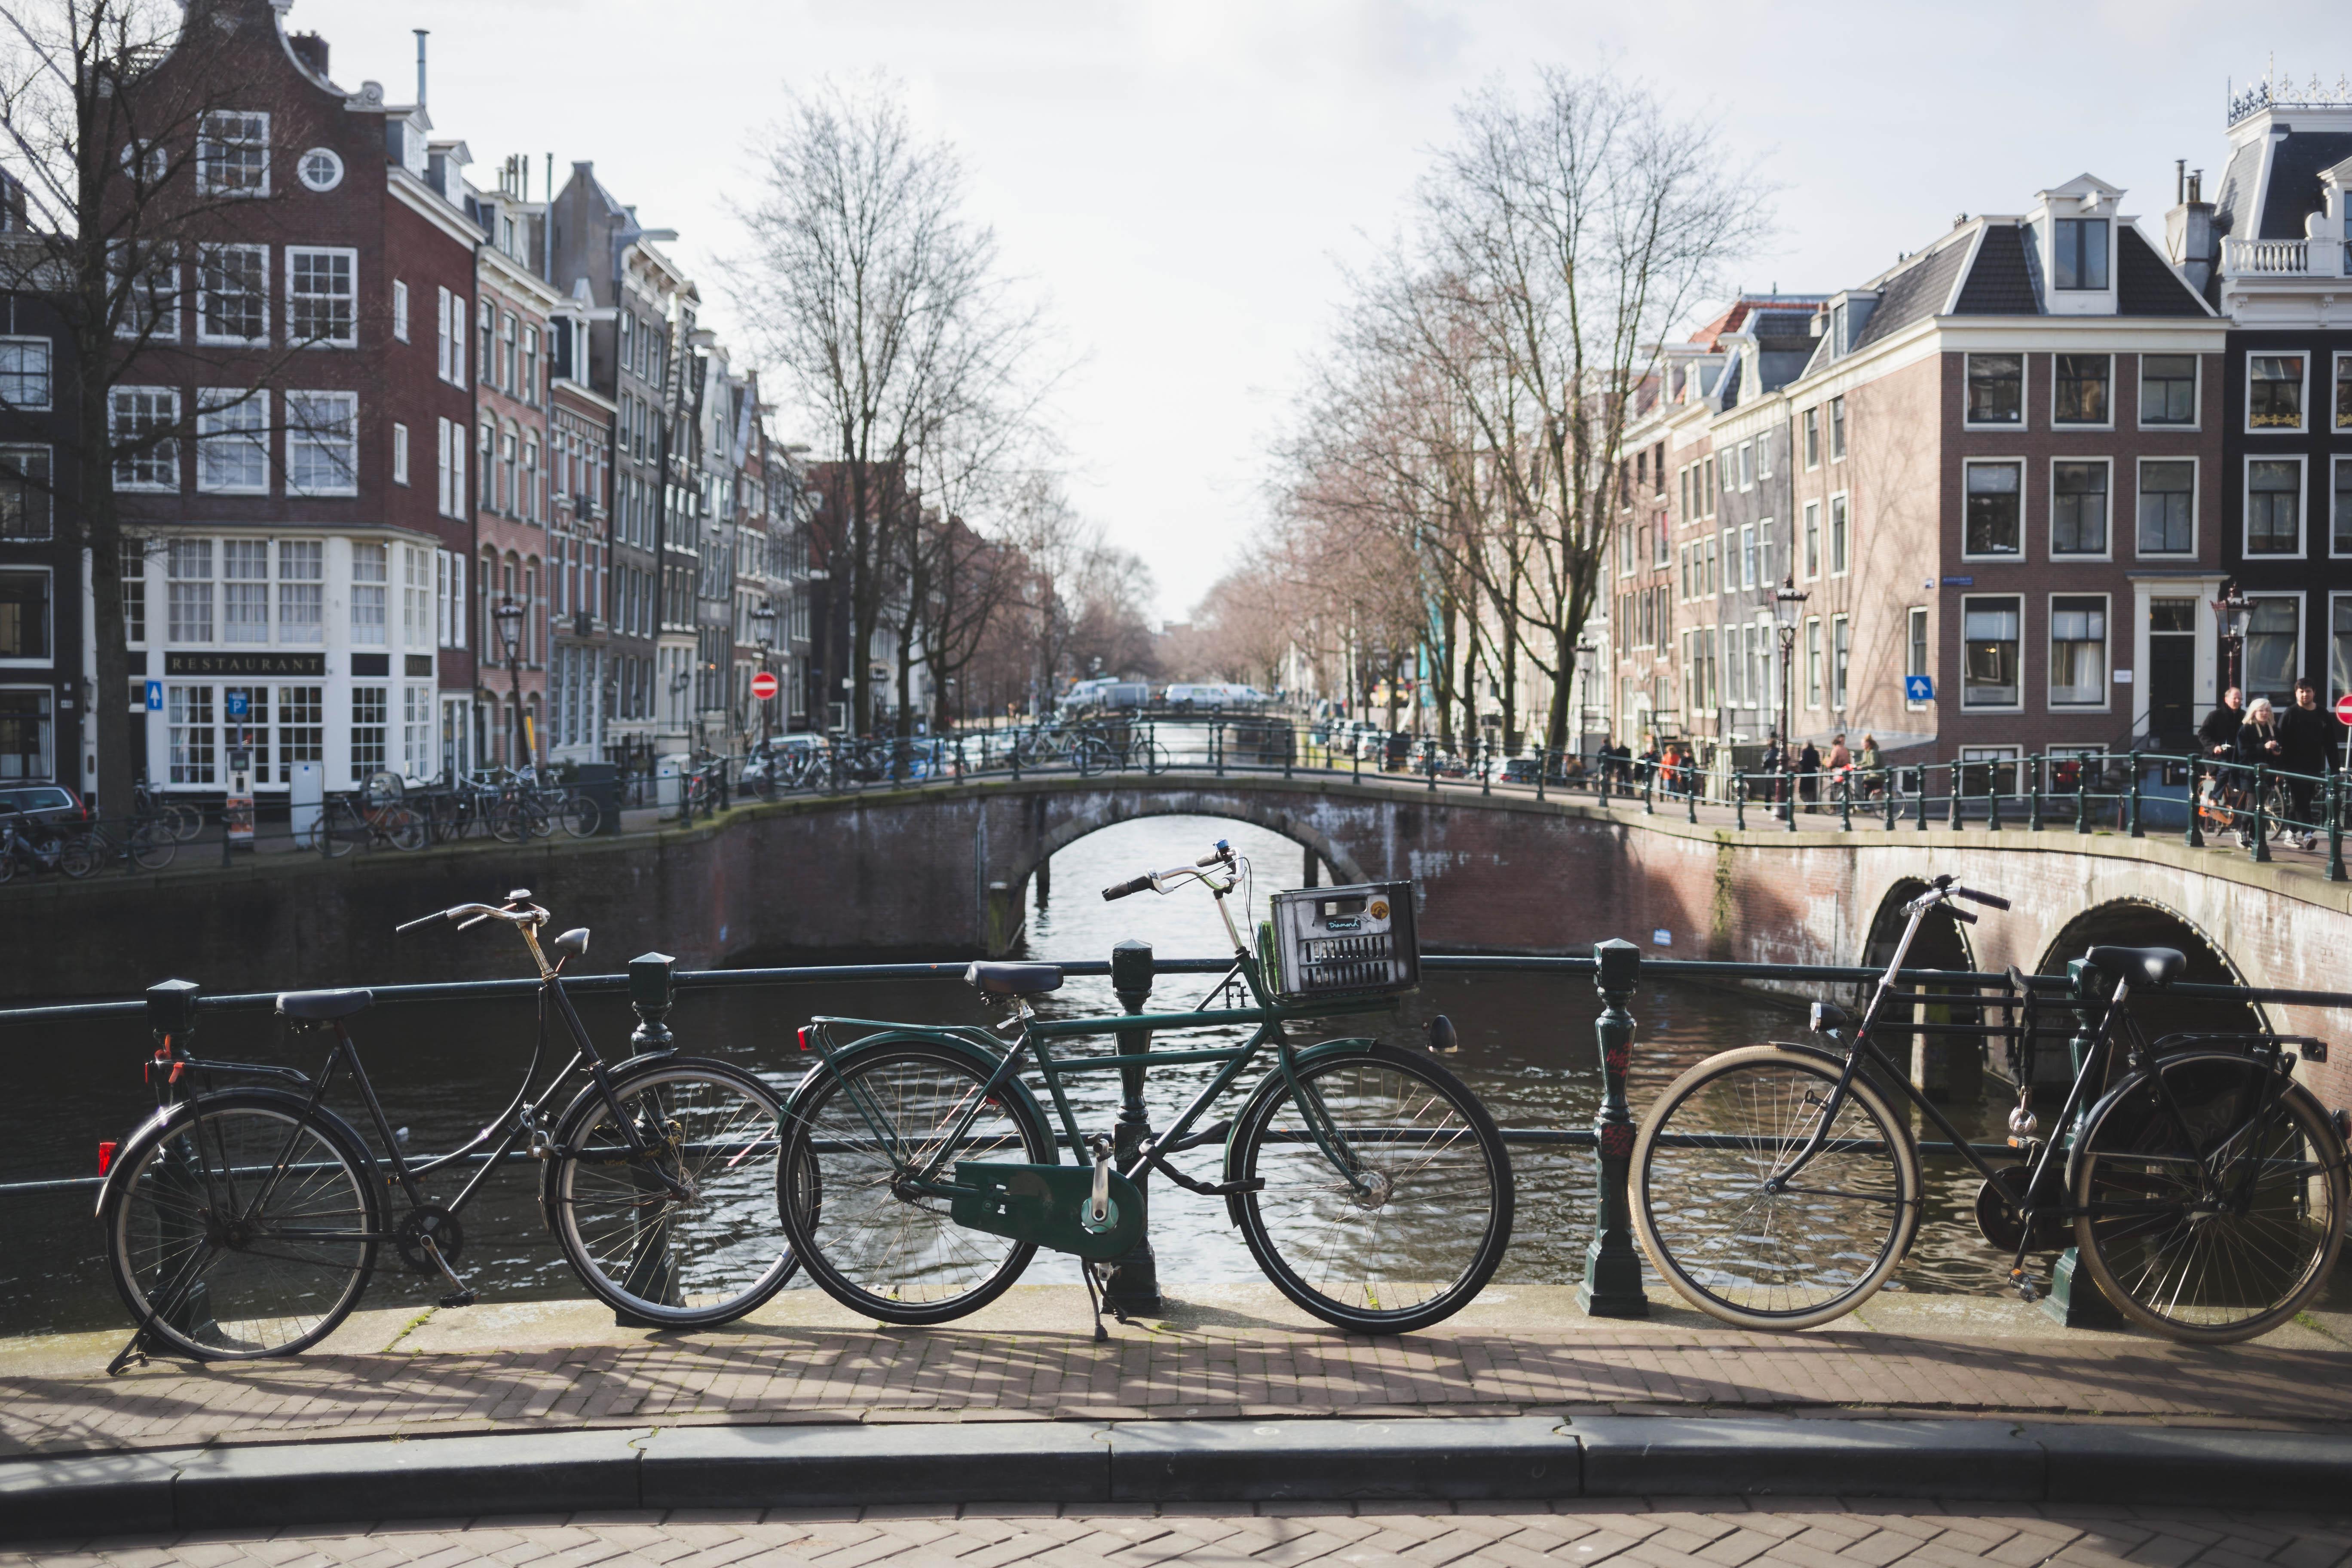 Licht Tour Amsterdam : Relaxed in amsterdam u licht und luft